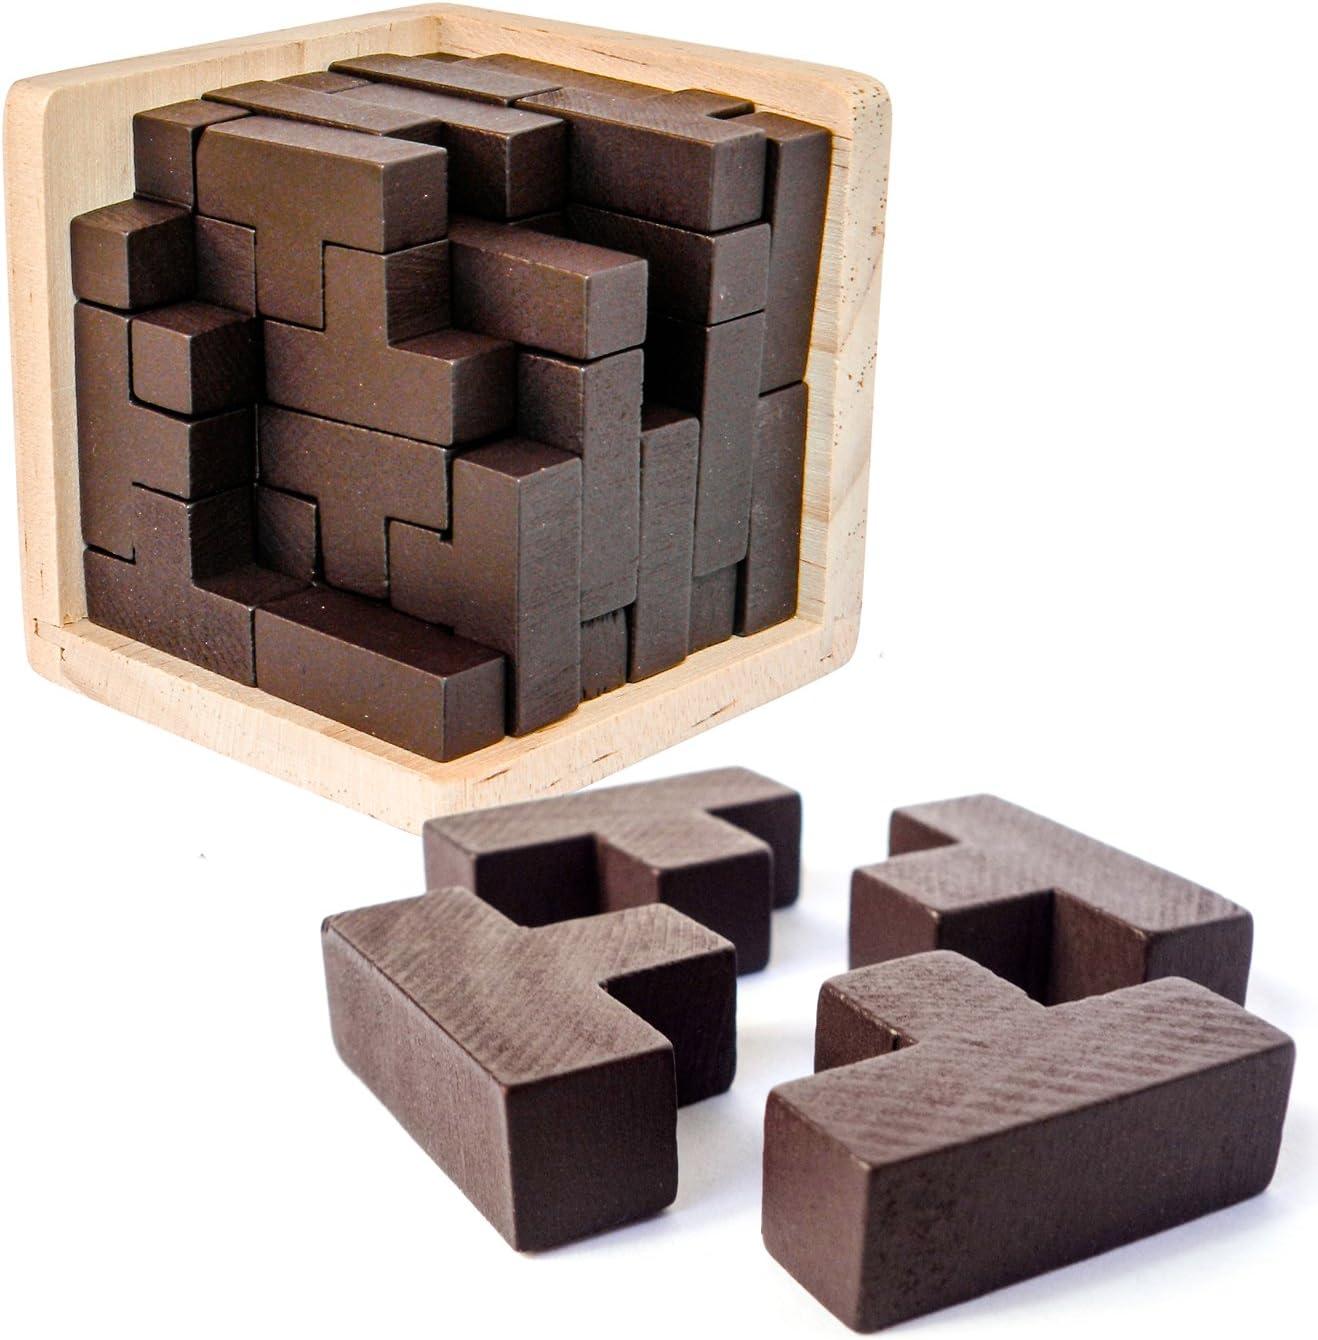 Sharp Brain Zone Rompecabezas 3D De Madera Desarrolla Habilidades de Genio con Sus Piezas en Forma de T Que se Ajustan como en Tetris. Juguete Educativo para Niños y Adultos.